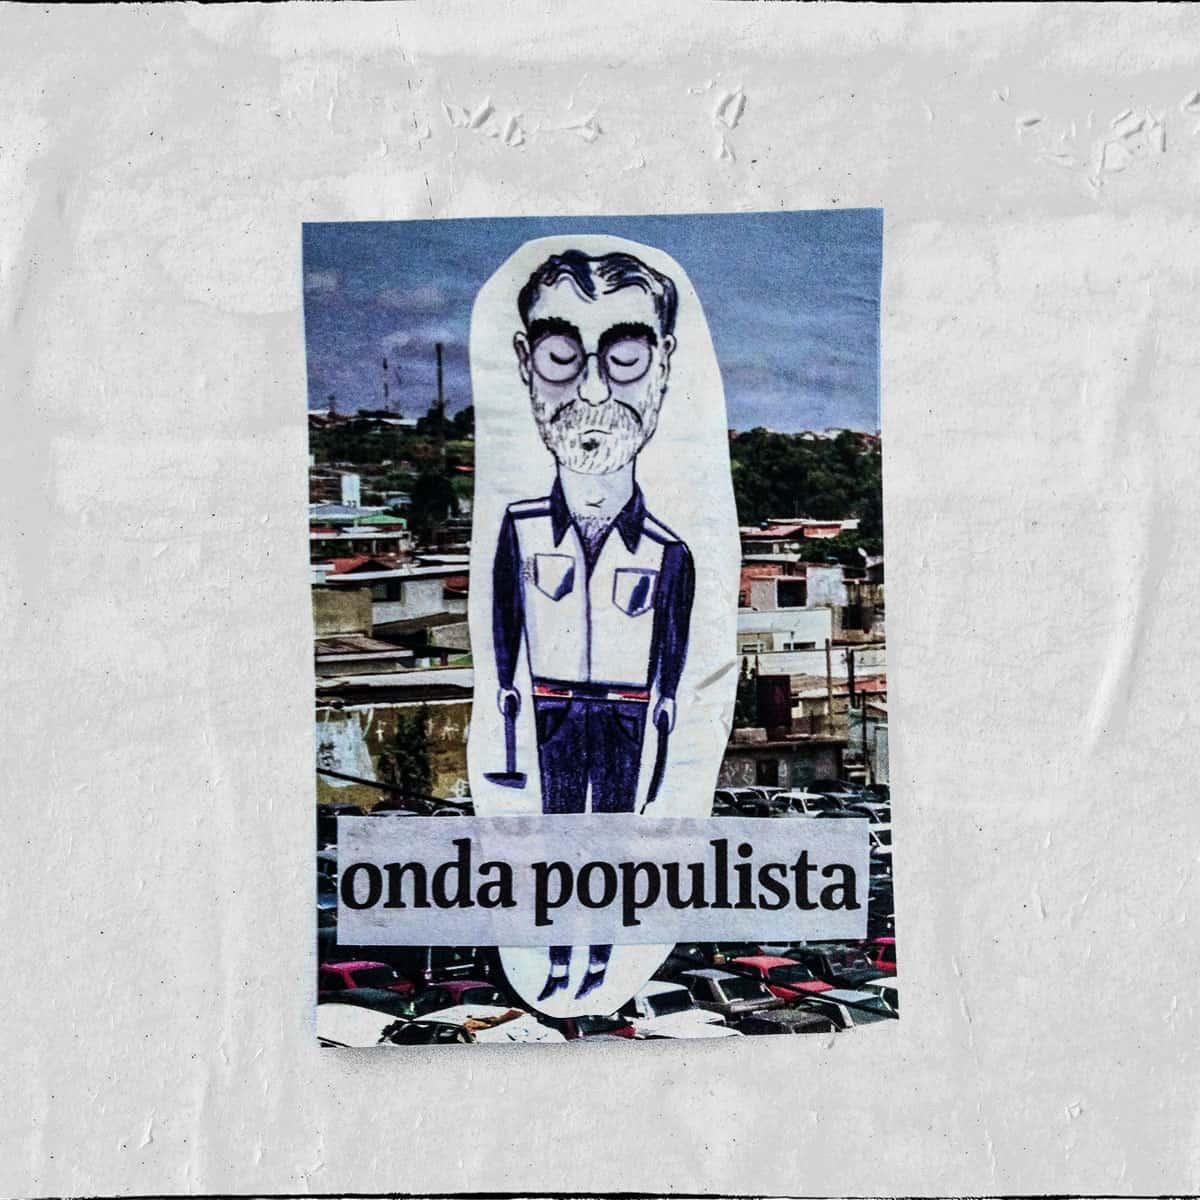 Cartões 18 de janeiro, Colagem — ColetivoPolvora Folha Piauí 18 de janeiro5